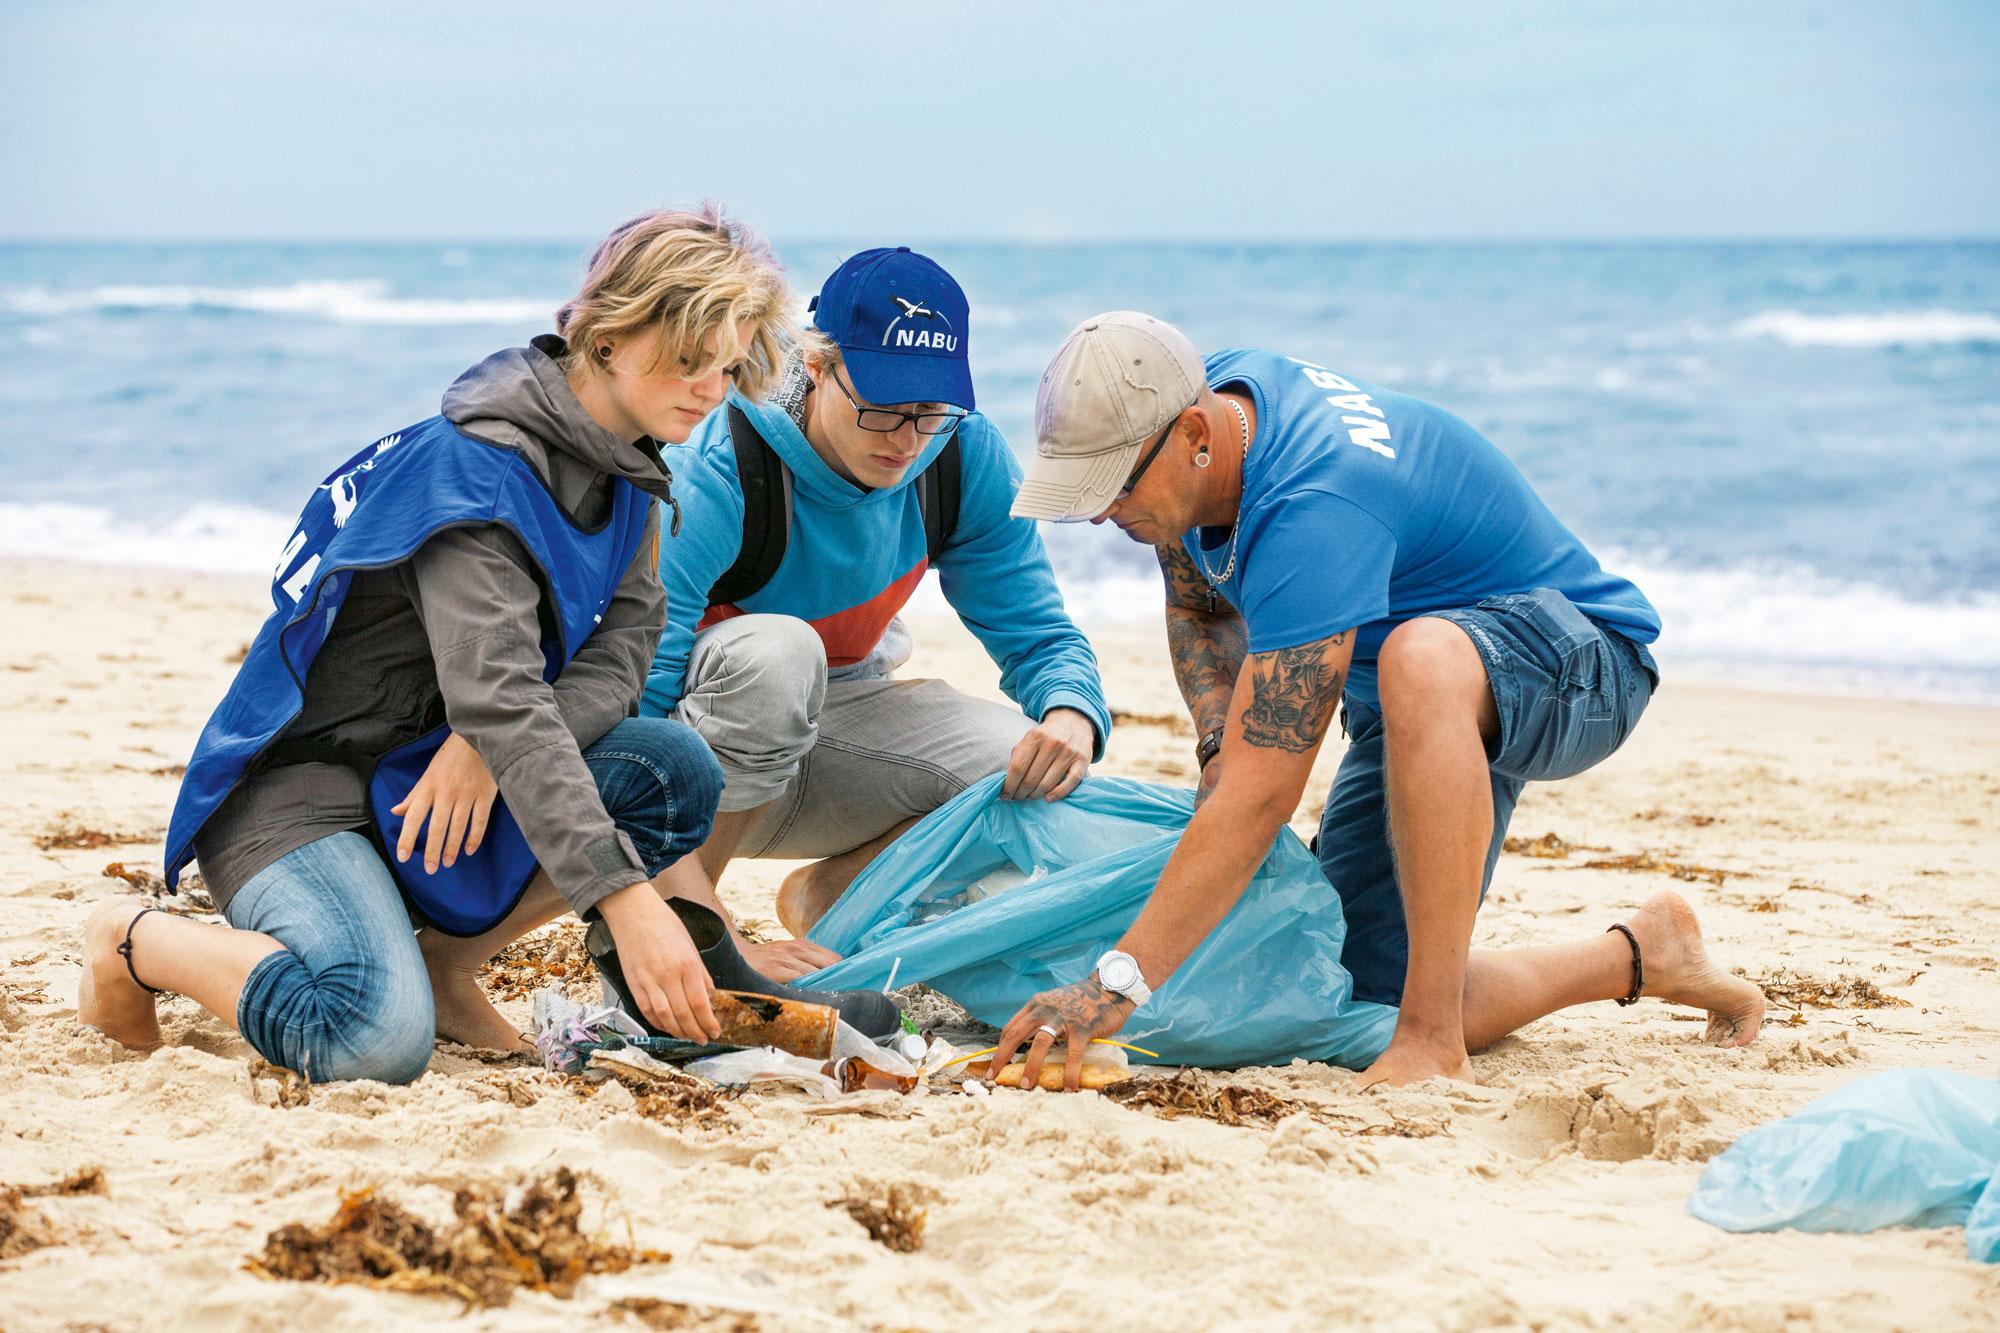 NABU-Mitglieder sammeln Müll am Strand auf.